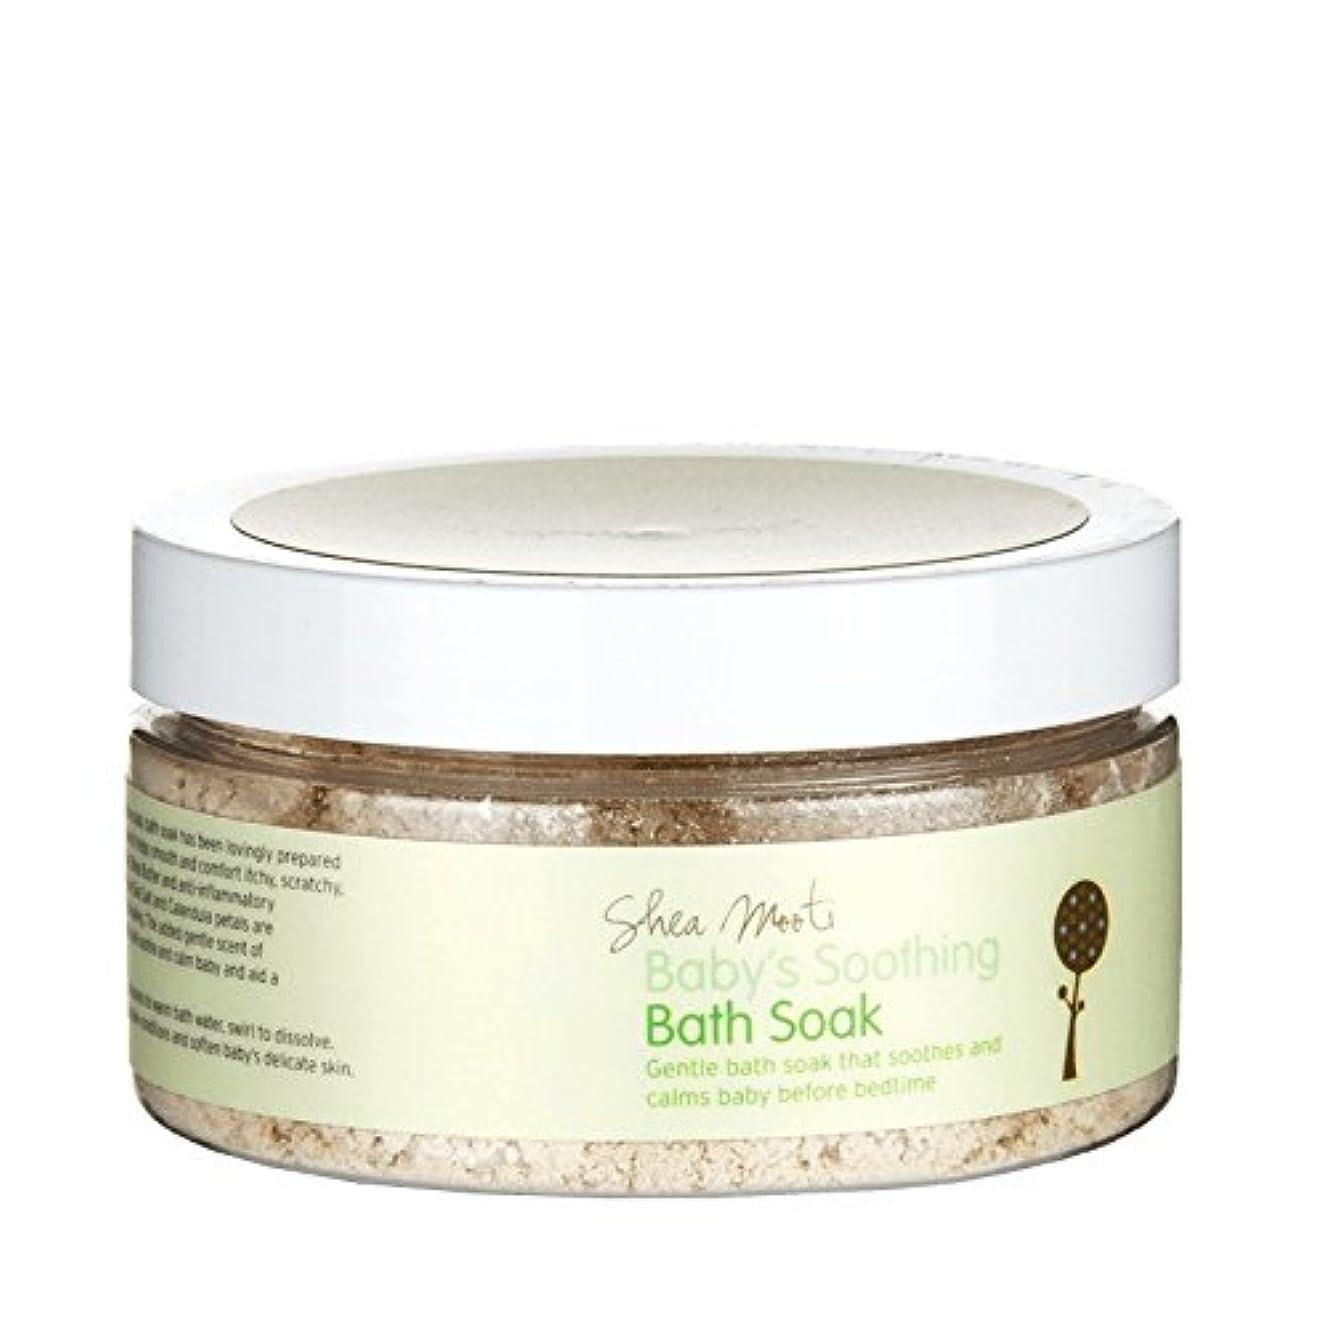 悪用安全性輸送シアバターMooti赤ちゃんの癒しのお風呂は、130グラムを浸し - Shea Mooti Baby's Soothing Bath Soak 130g (Shea Mooti) [並行輸入品]